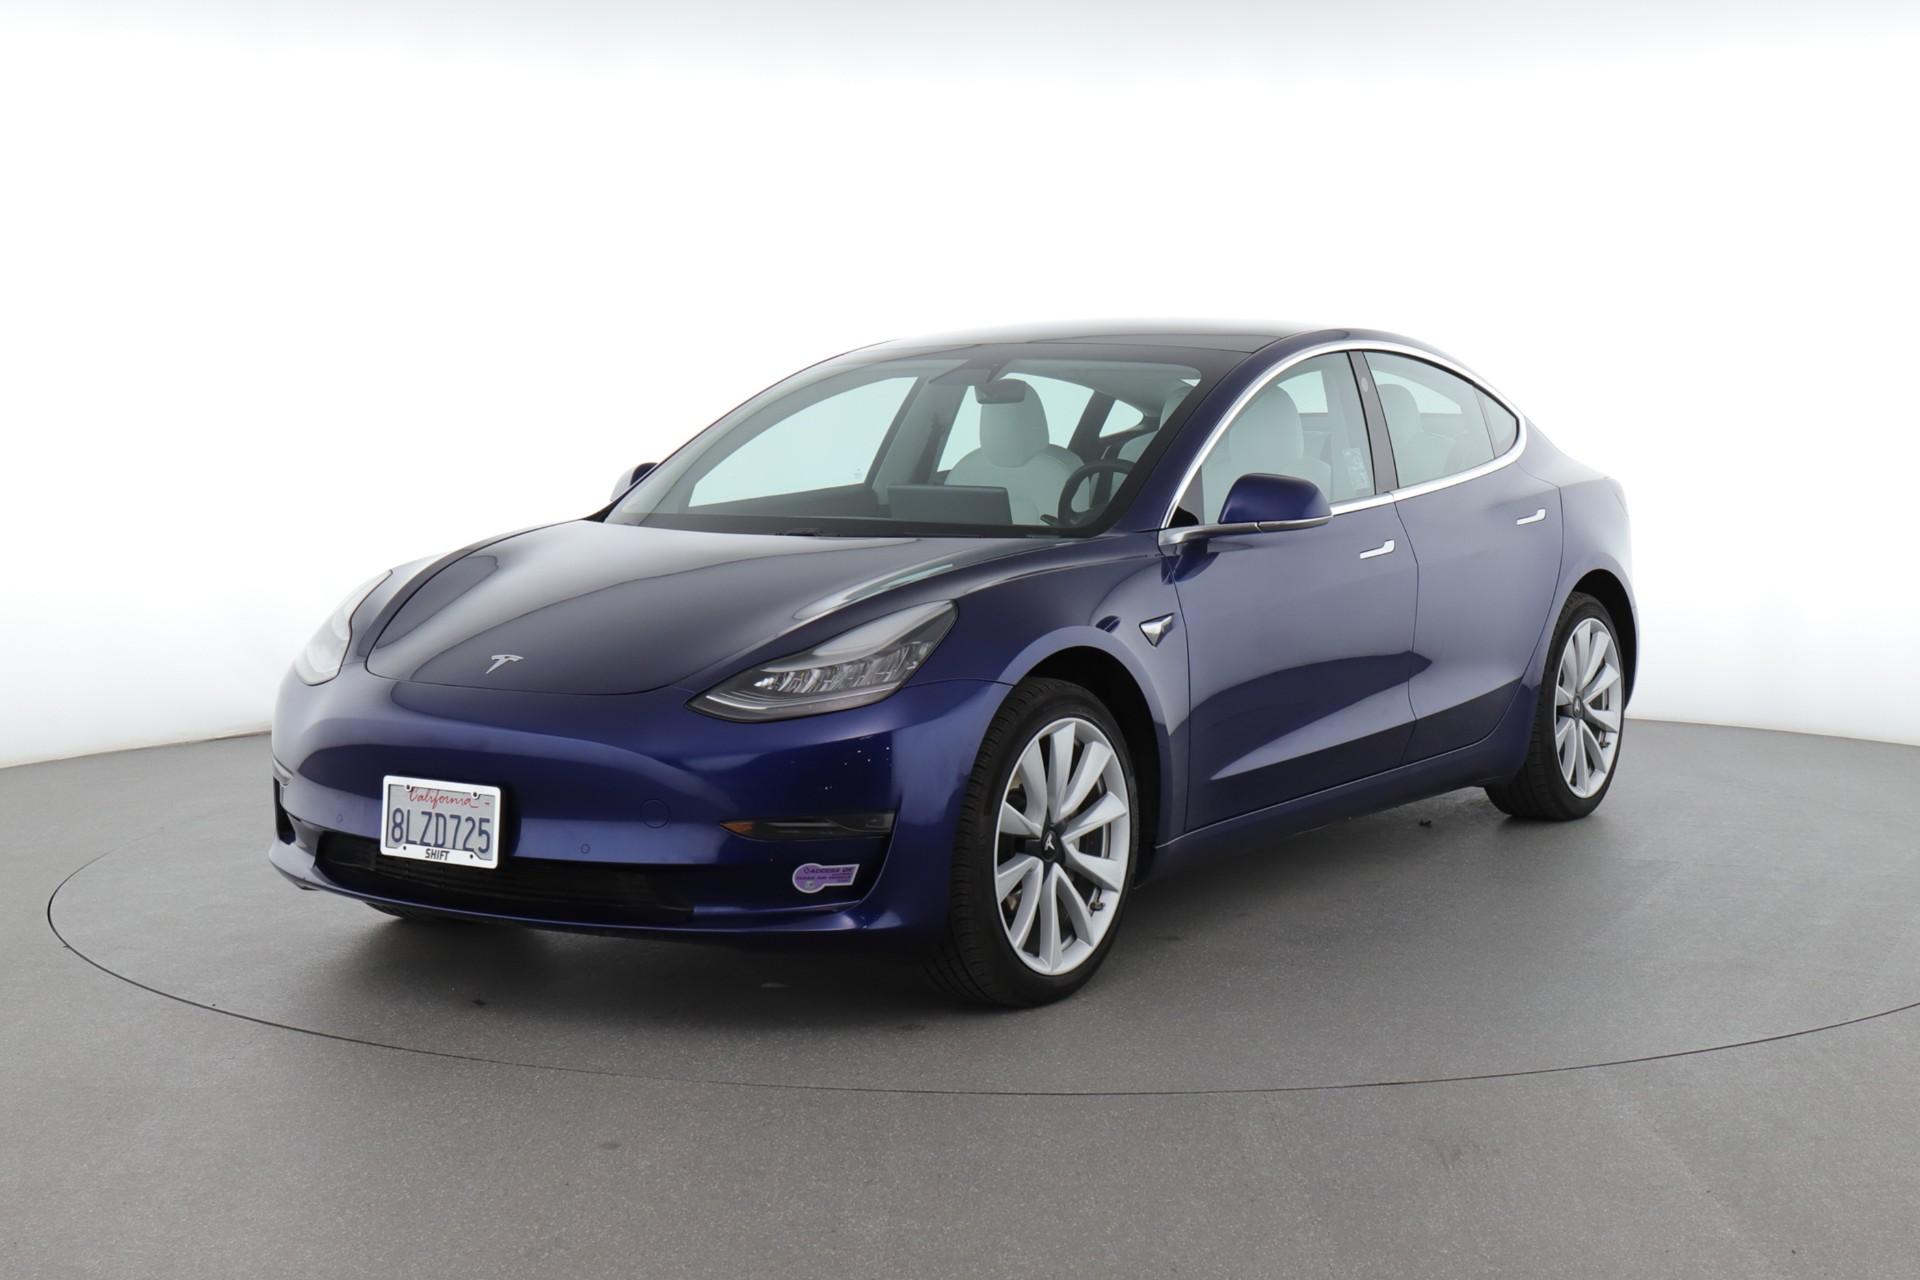 2019 Tesla Model 3 Standard Range Plus (from $42,500)